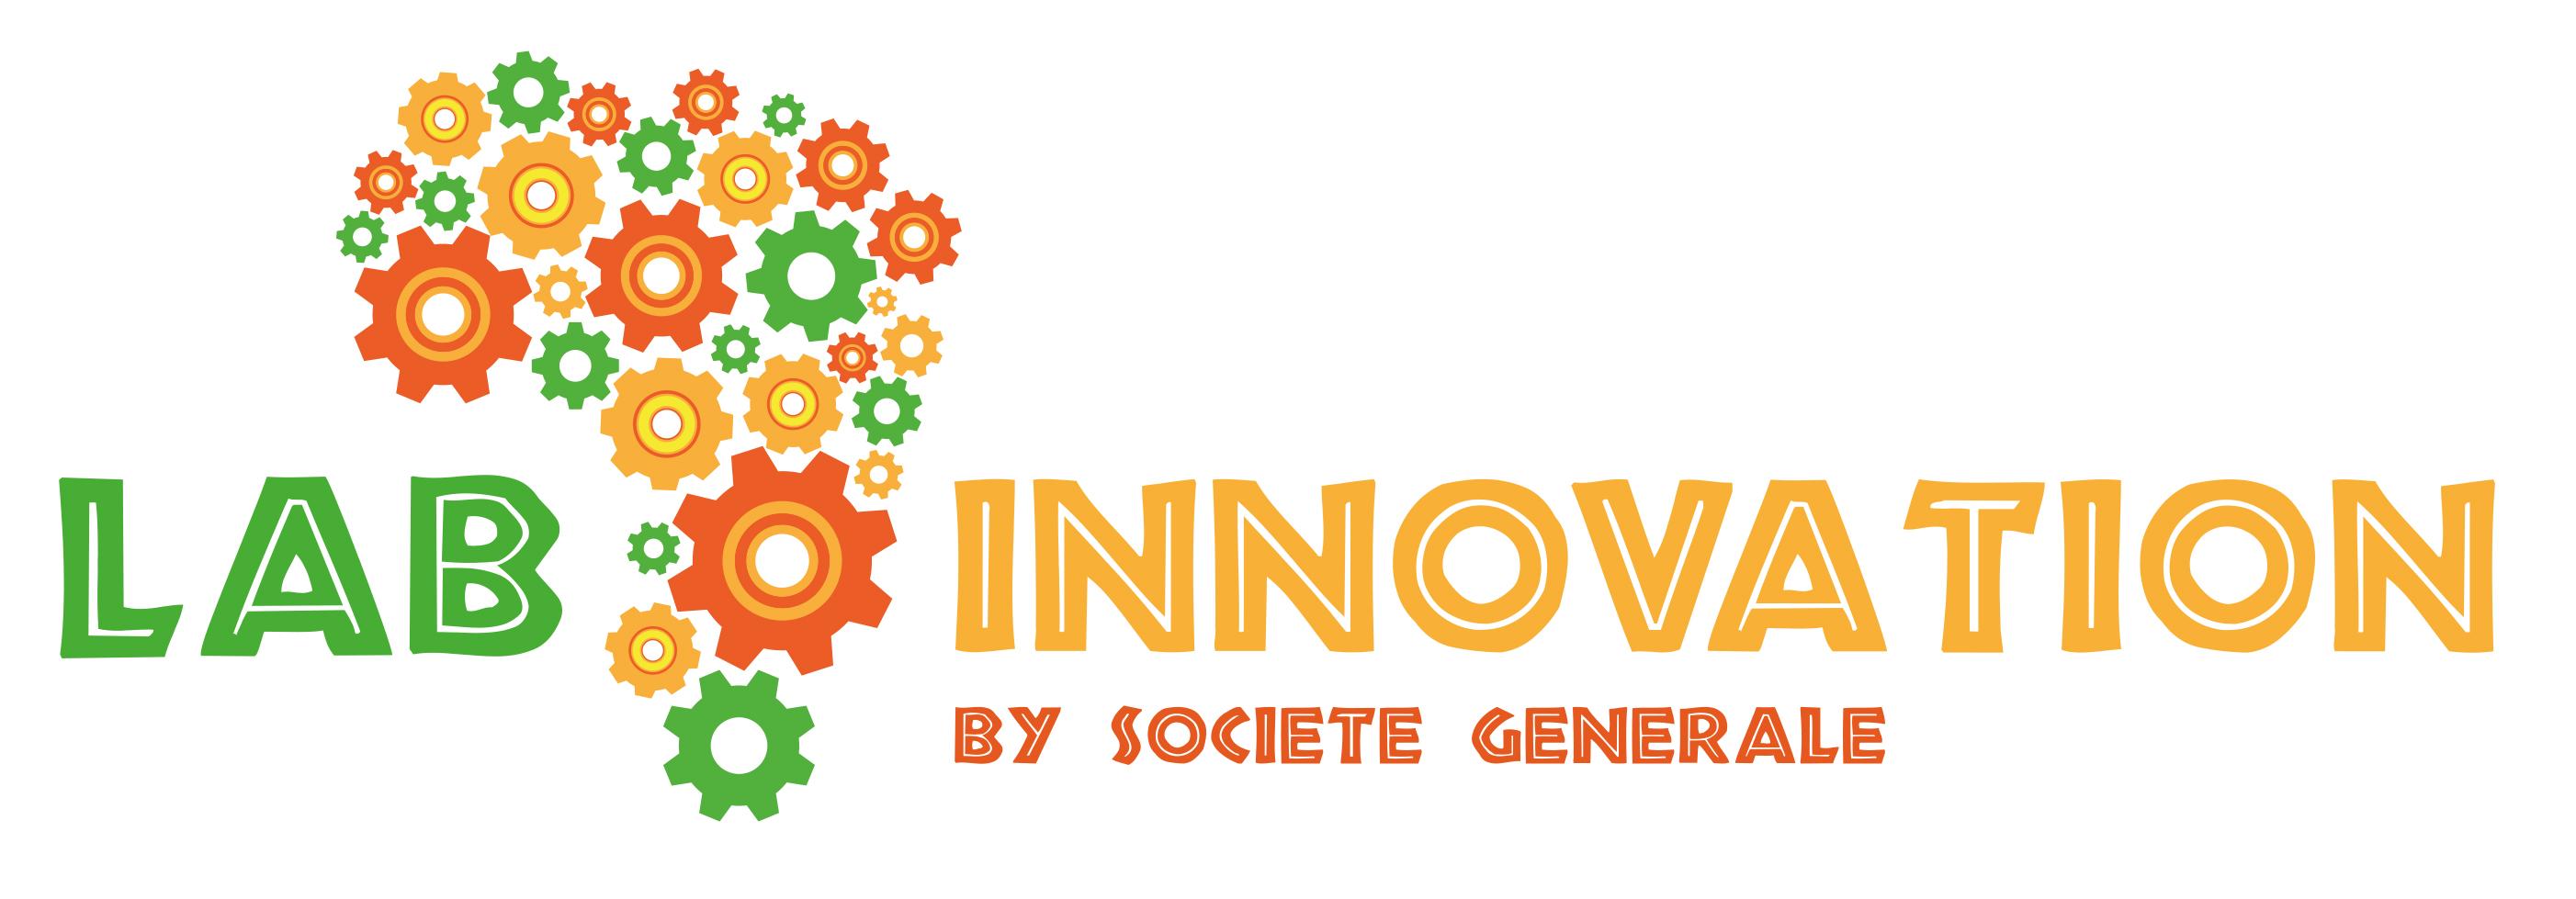 Lab_innovation